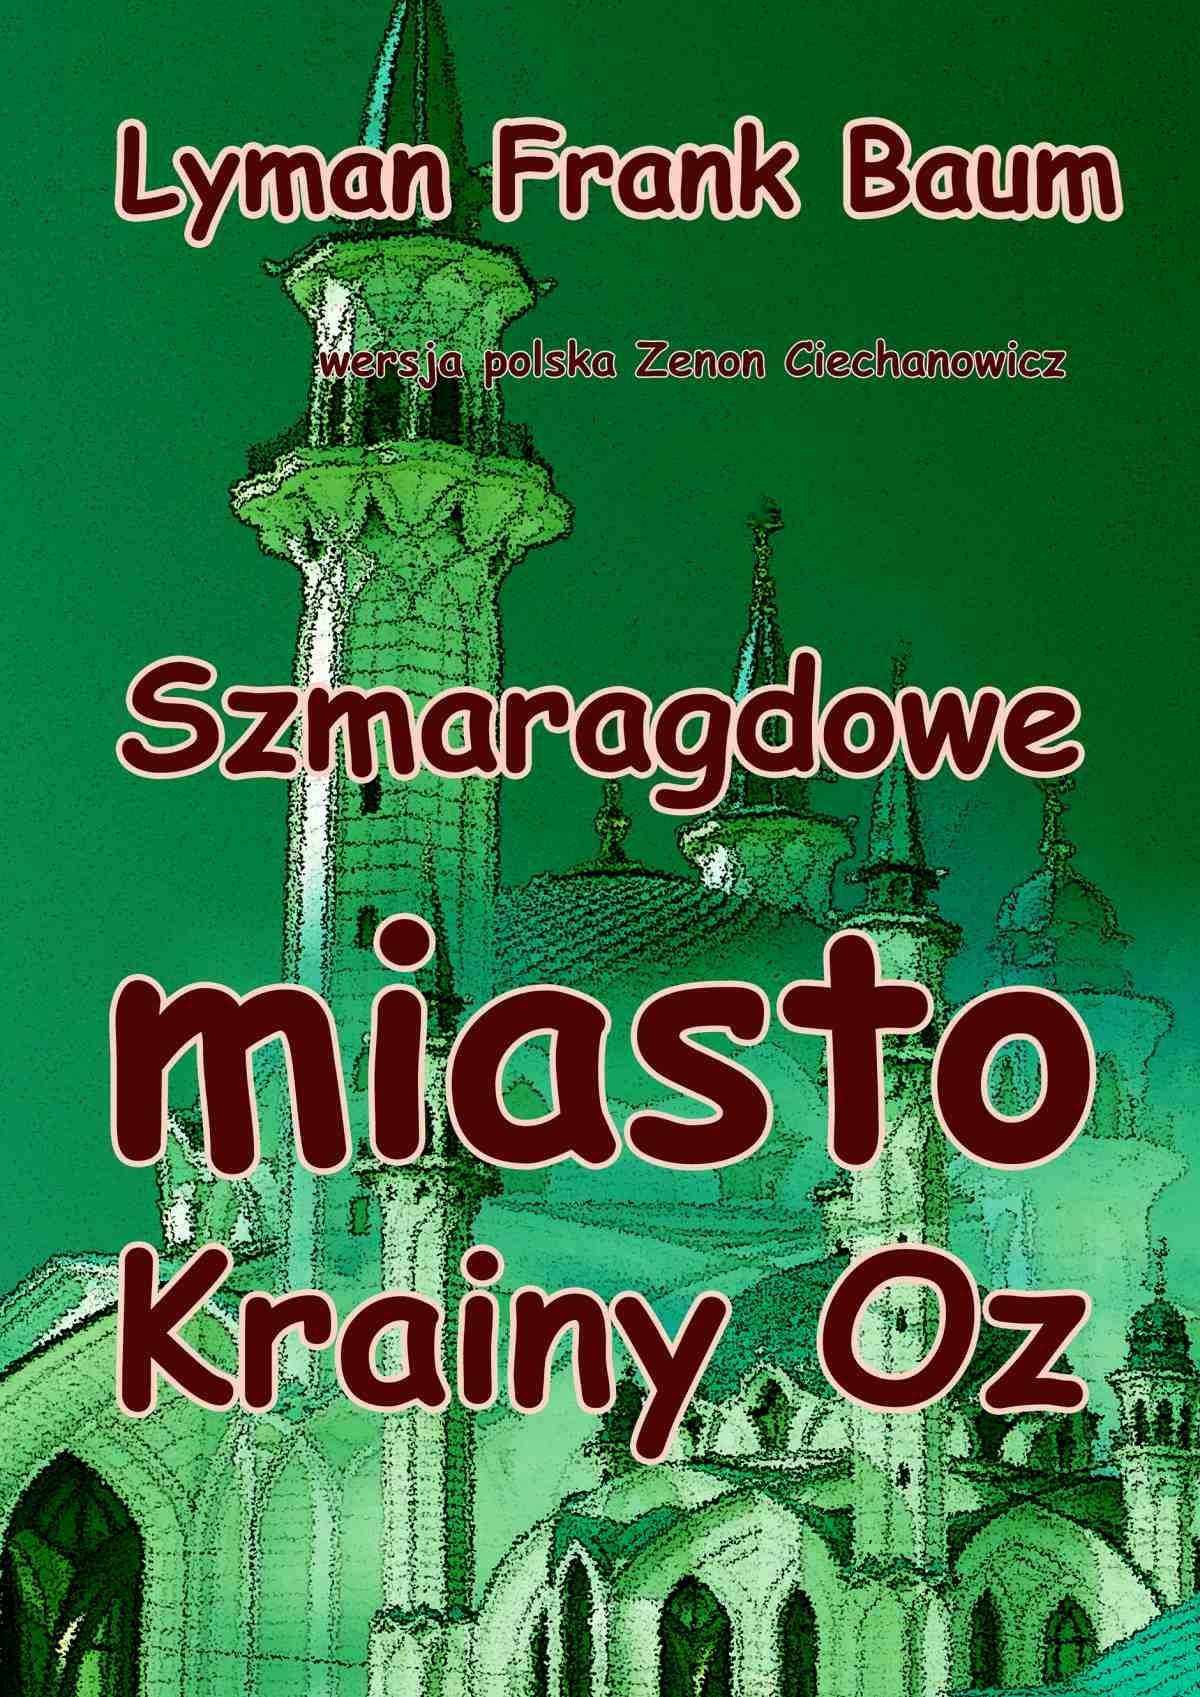 Szmaragdowe miasto Krainy Oz - Ebook (Książka na Kindle) do pobrania w formacie MOBI